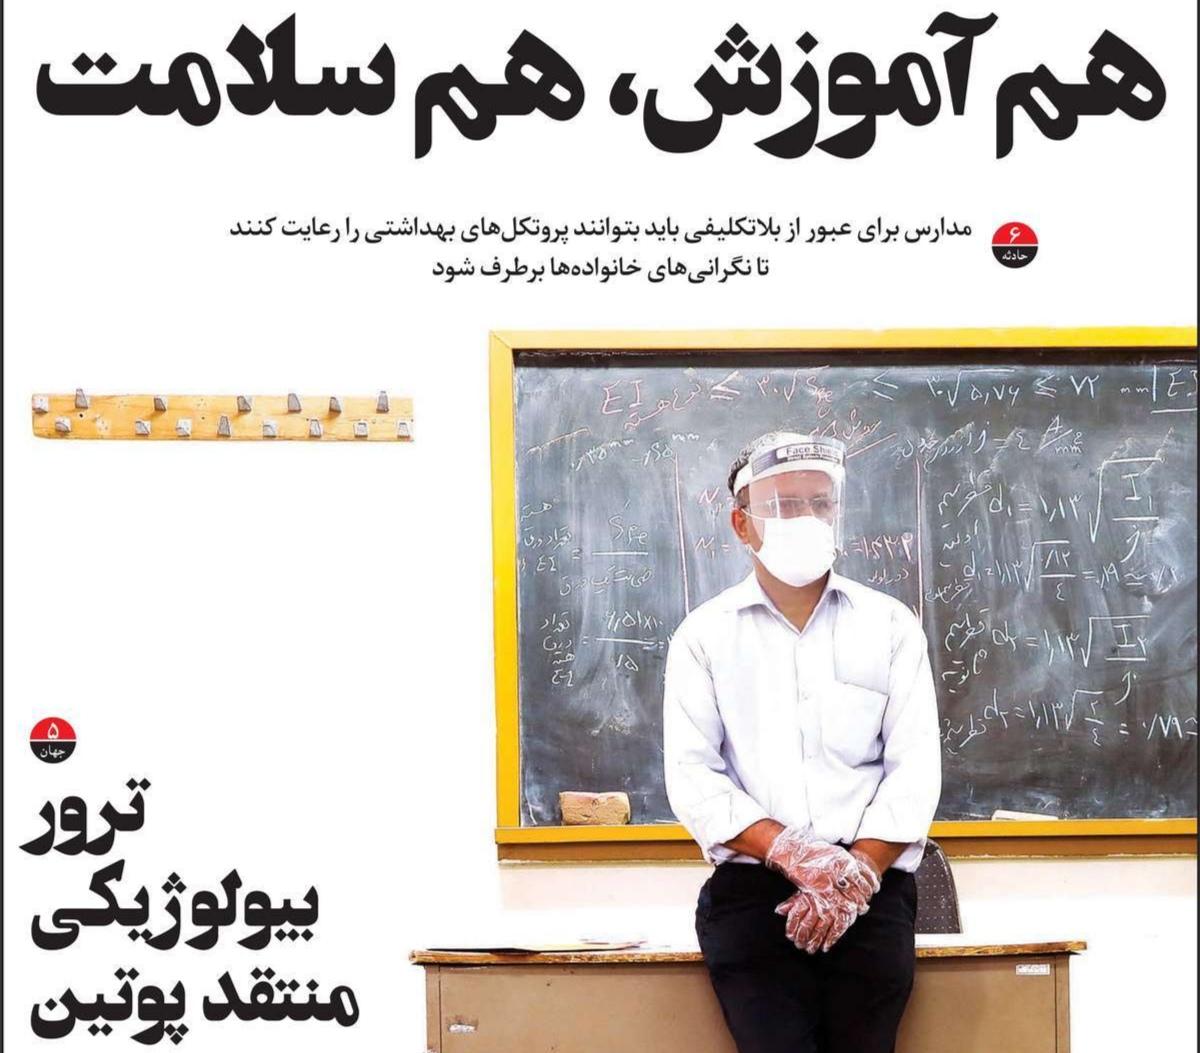 تصاویر صفحه نخست روزنامههای امروز شنبه ۱۵ شهریور ۱۳۹۹